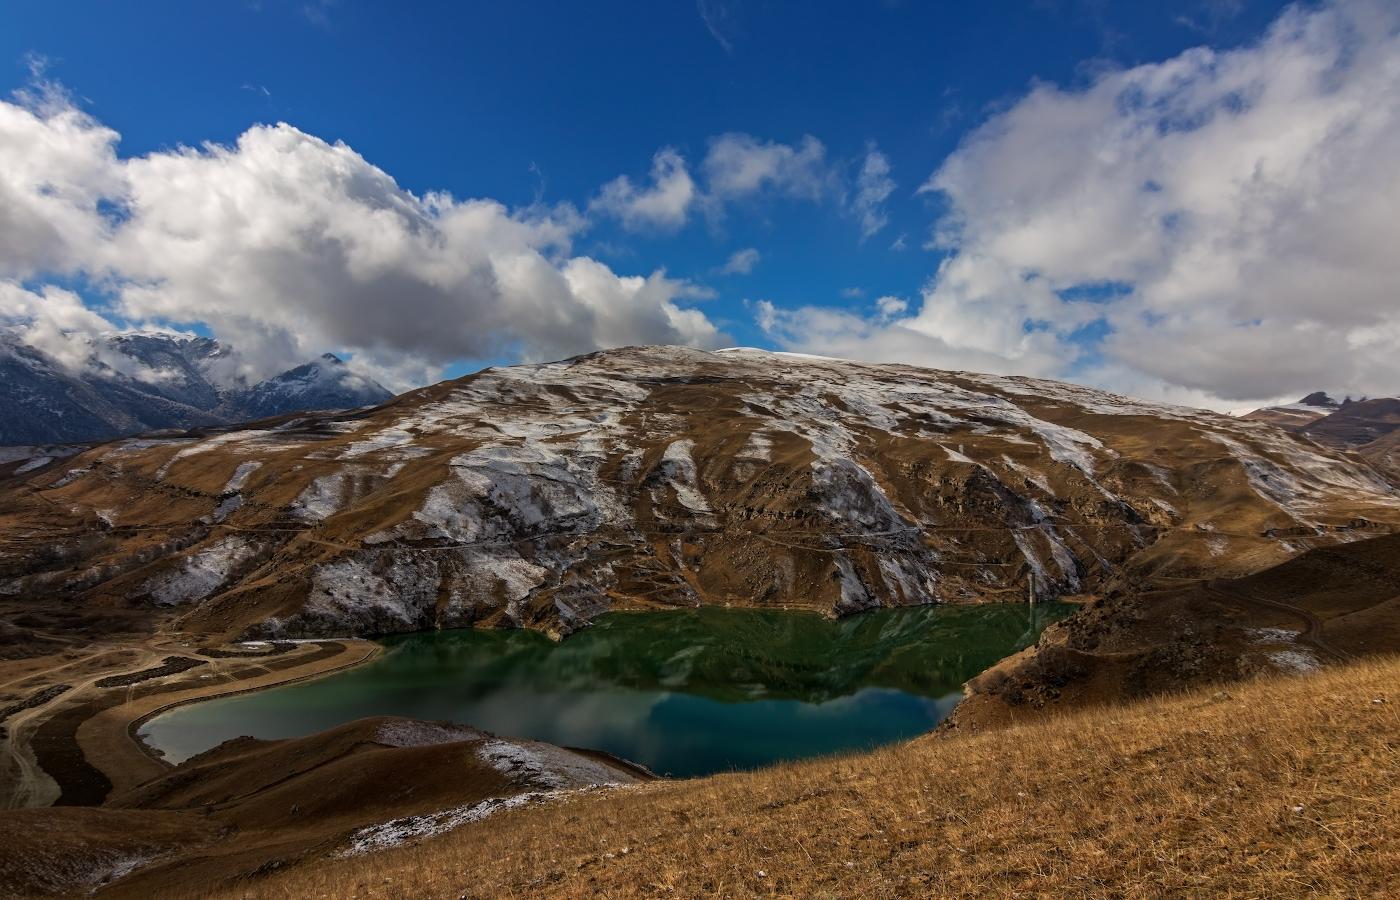 Балкария, Баксанское ущелье, Былымское озеро...